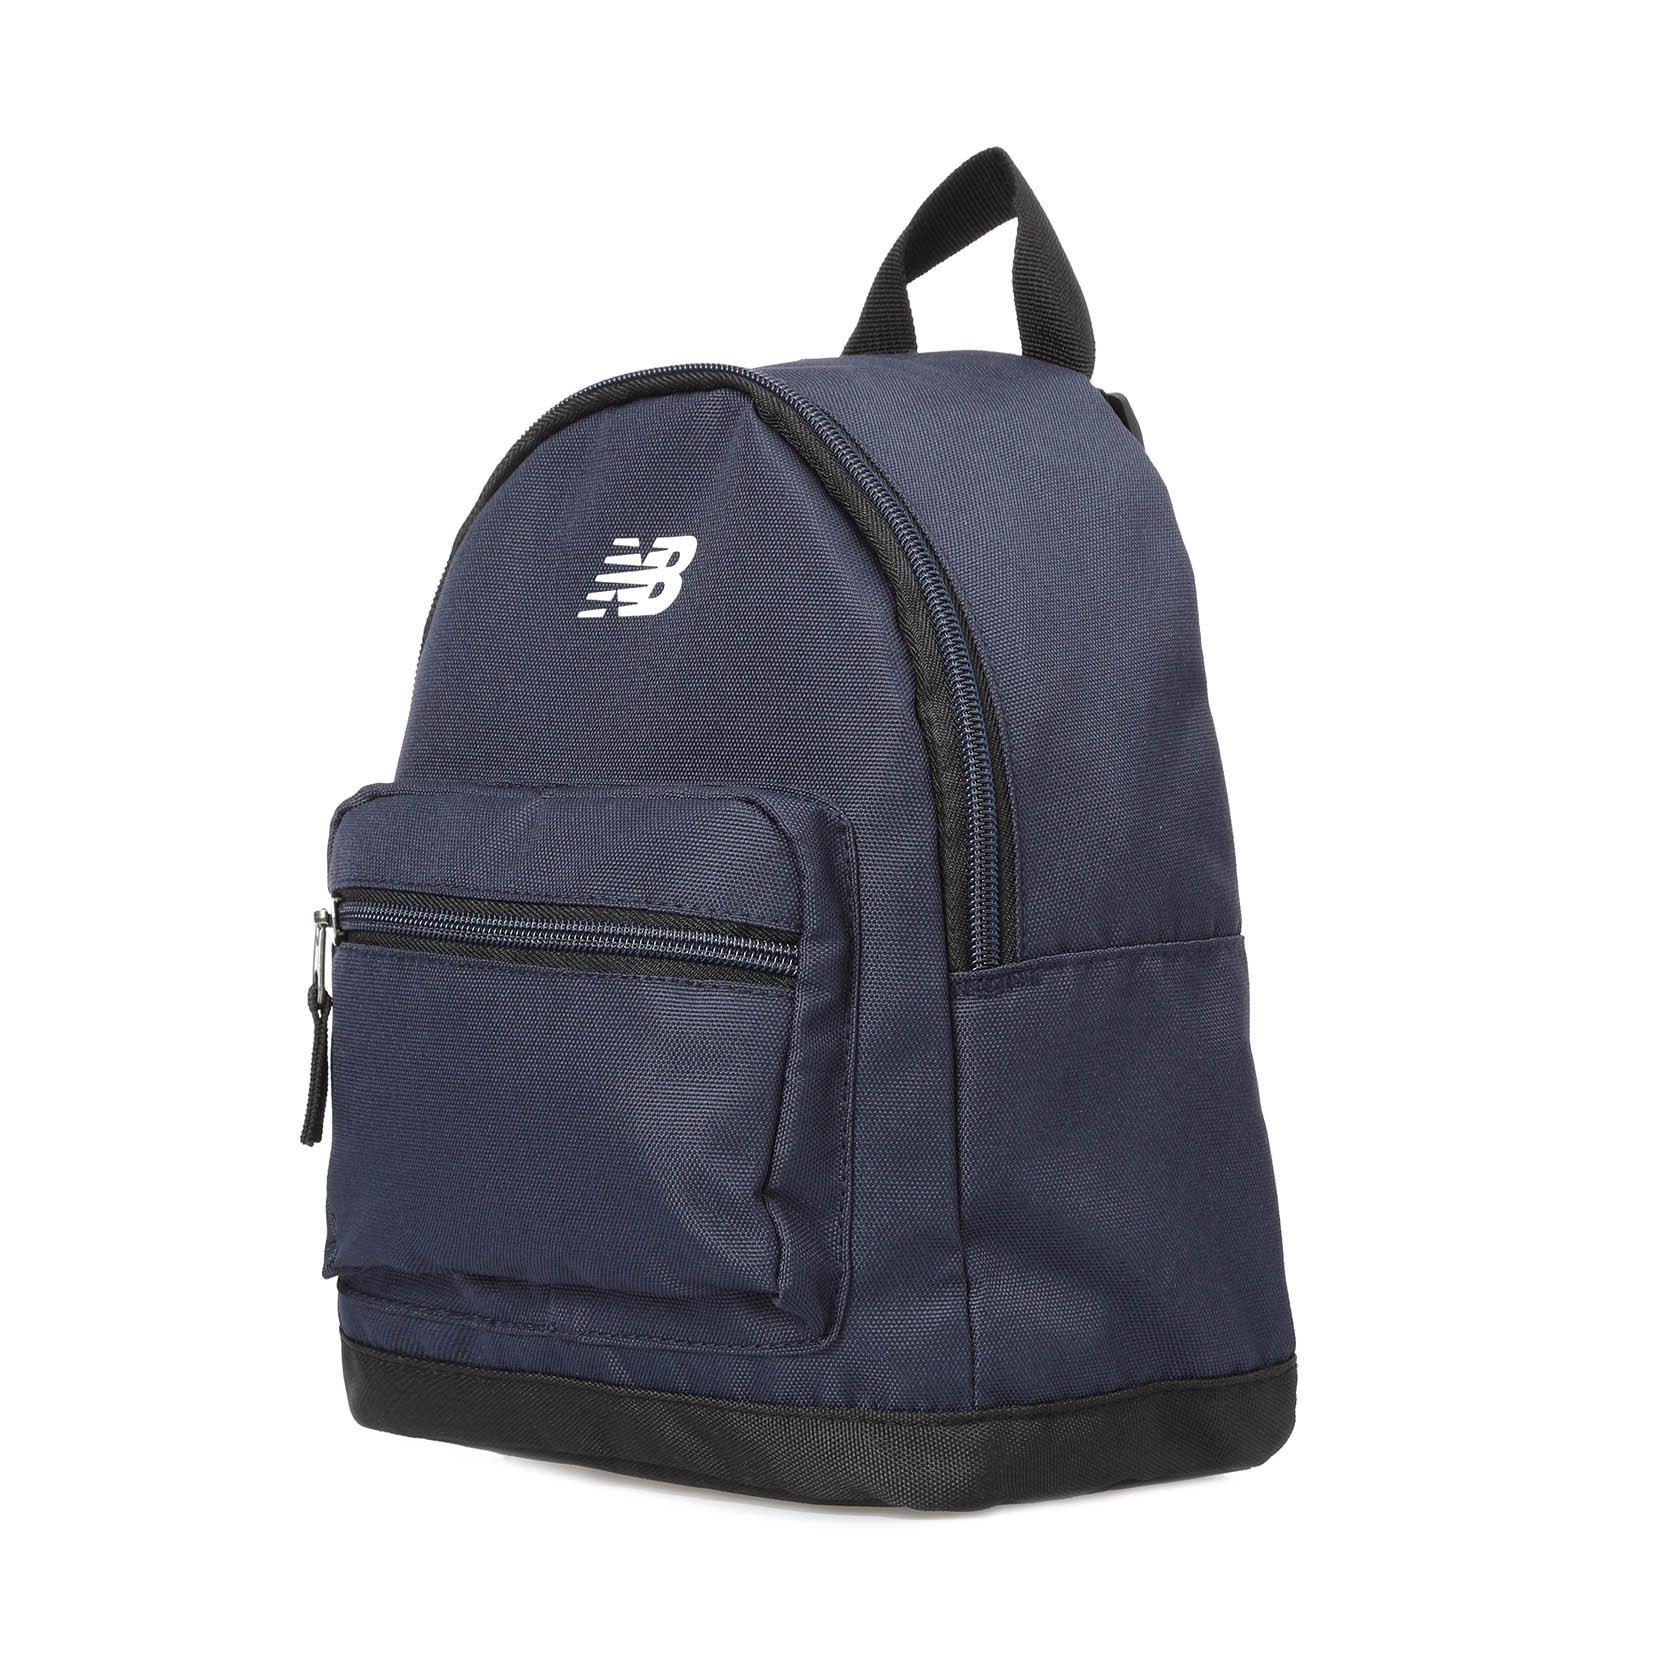 Рюкзак Mini Classic Backpack LAB91022TNV | New Balance